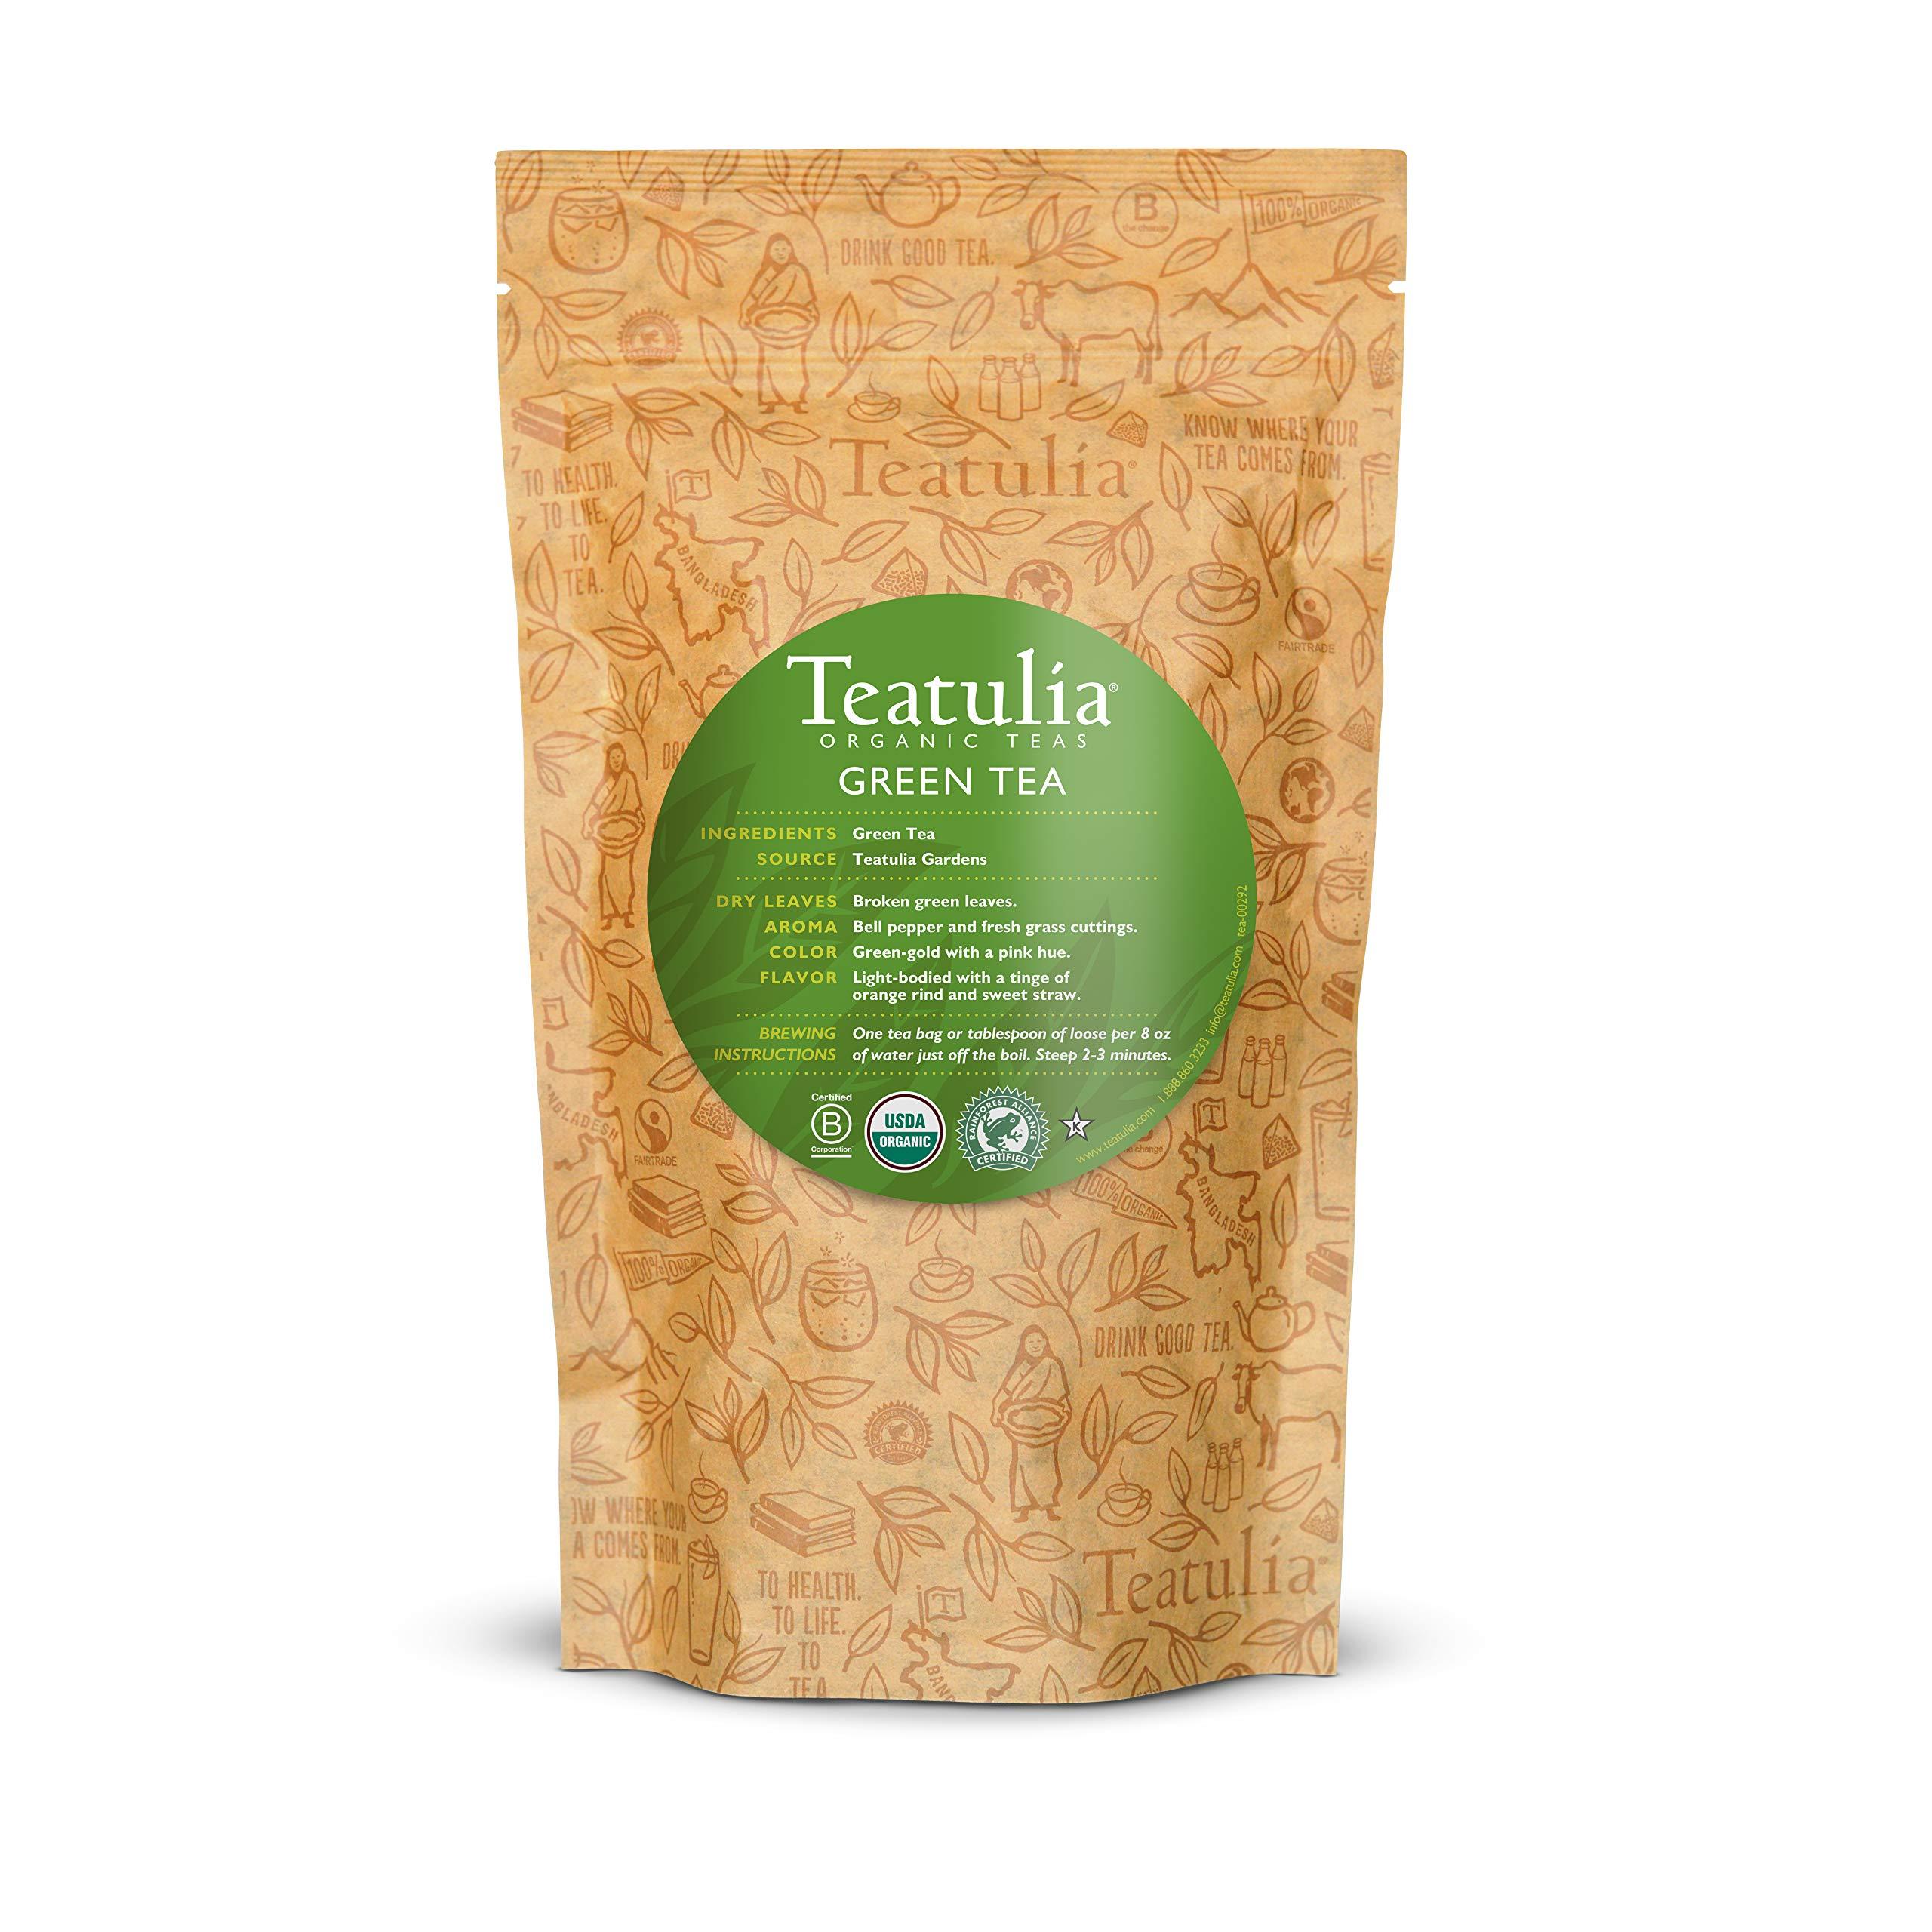 Teatulia Organic Loose Leaf Green Tea - 1lb